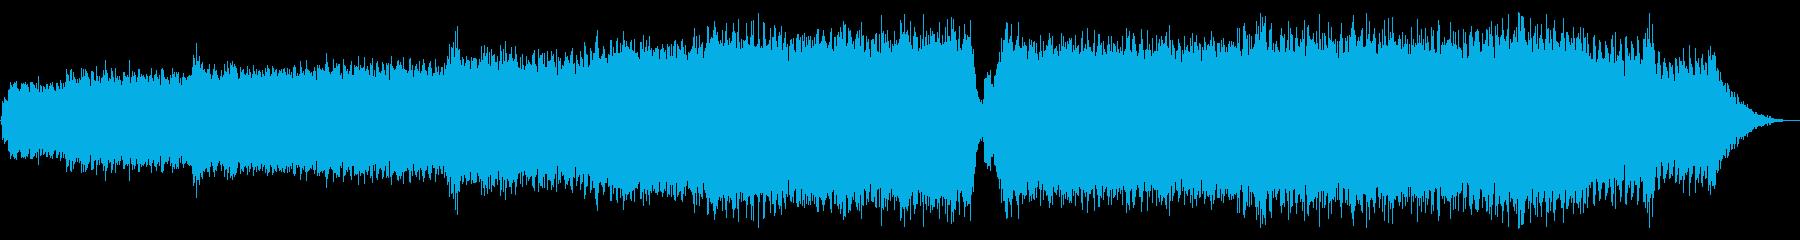 澄み渡る青空_リミックスの再生済みの波形